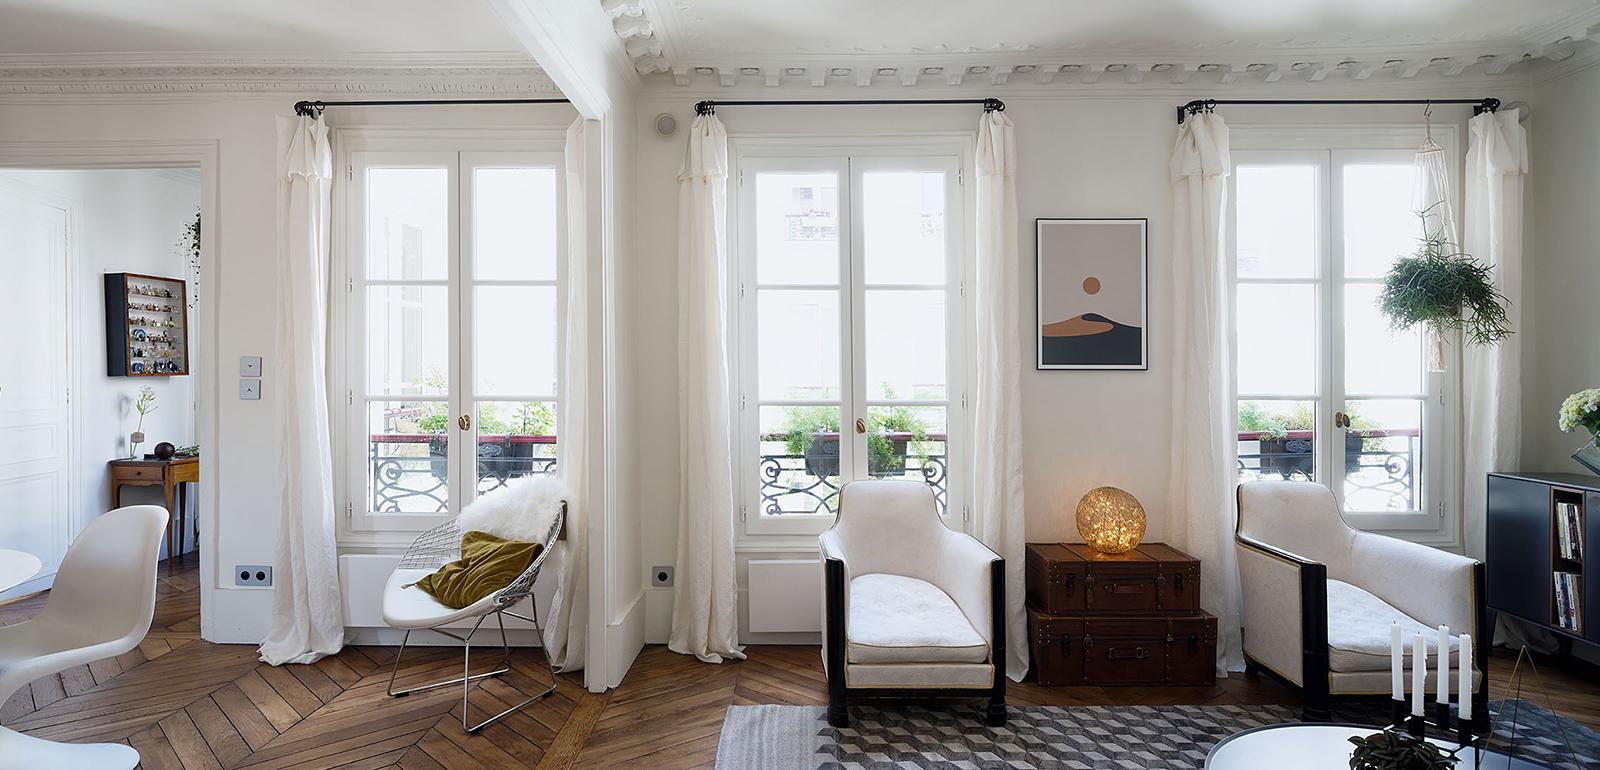 architectes d interieur paris top wilfrid deydier architecte dintrieur paris with architectes d. Black Bedroom Furniture Sets. Home Design Ideas